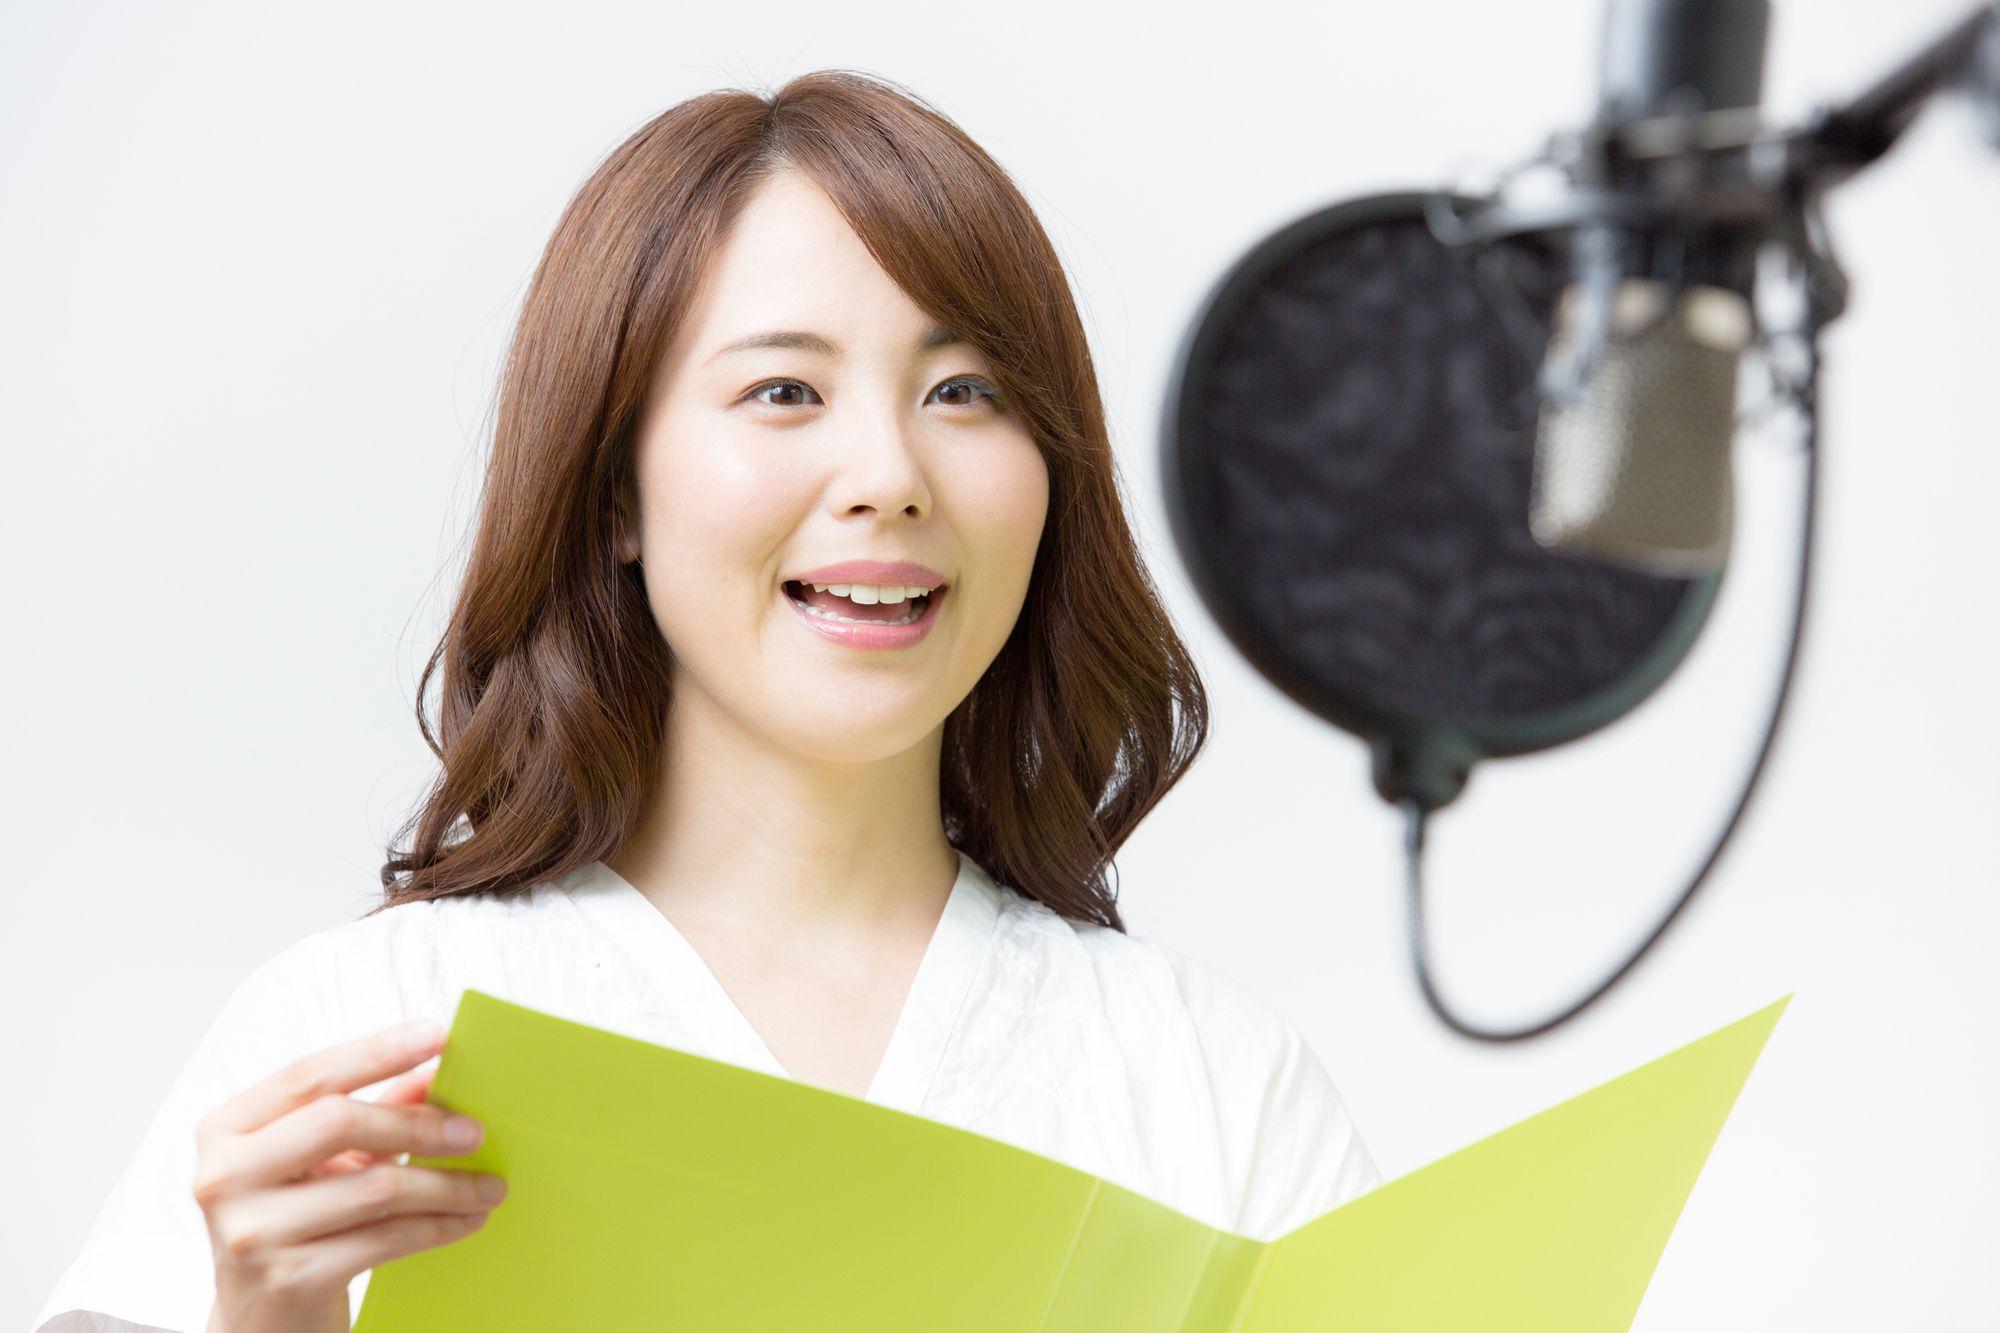 大阪に特待生制度のある声優養成所はある?